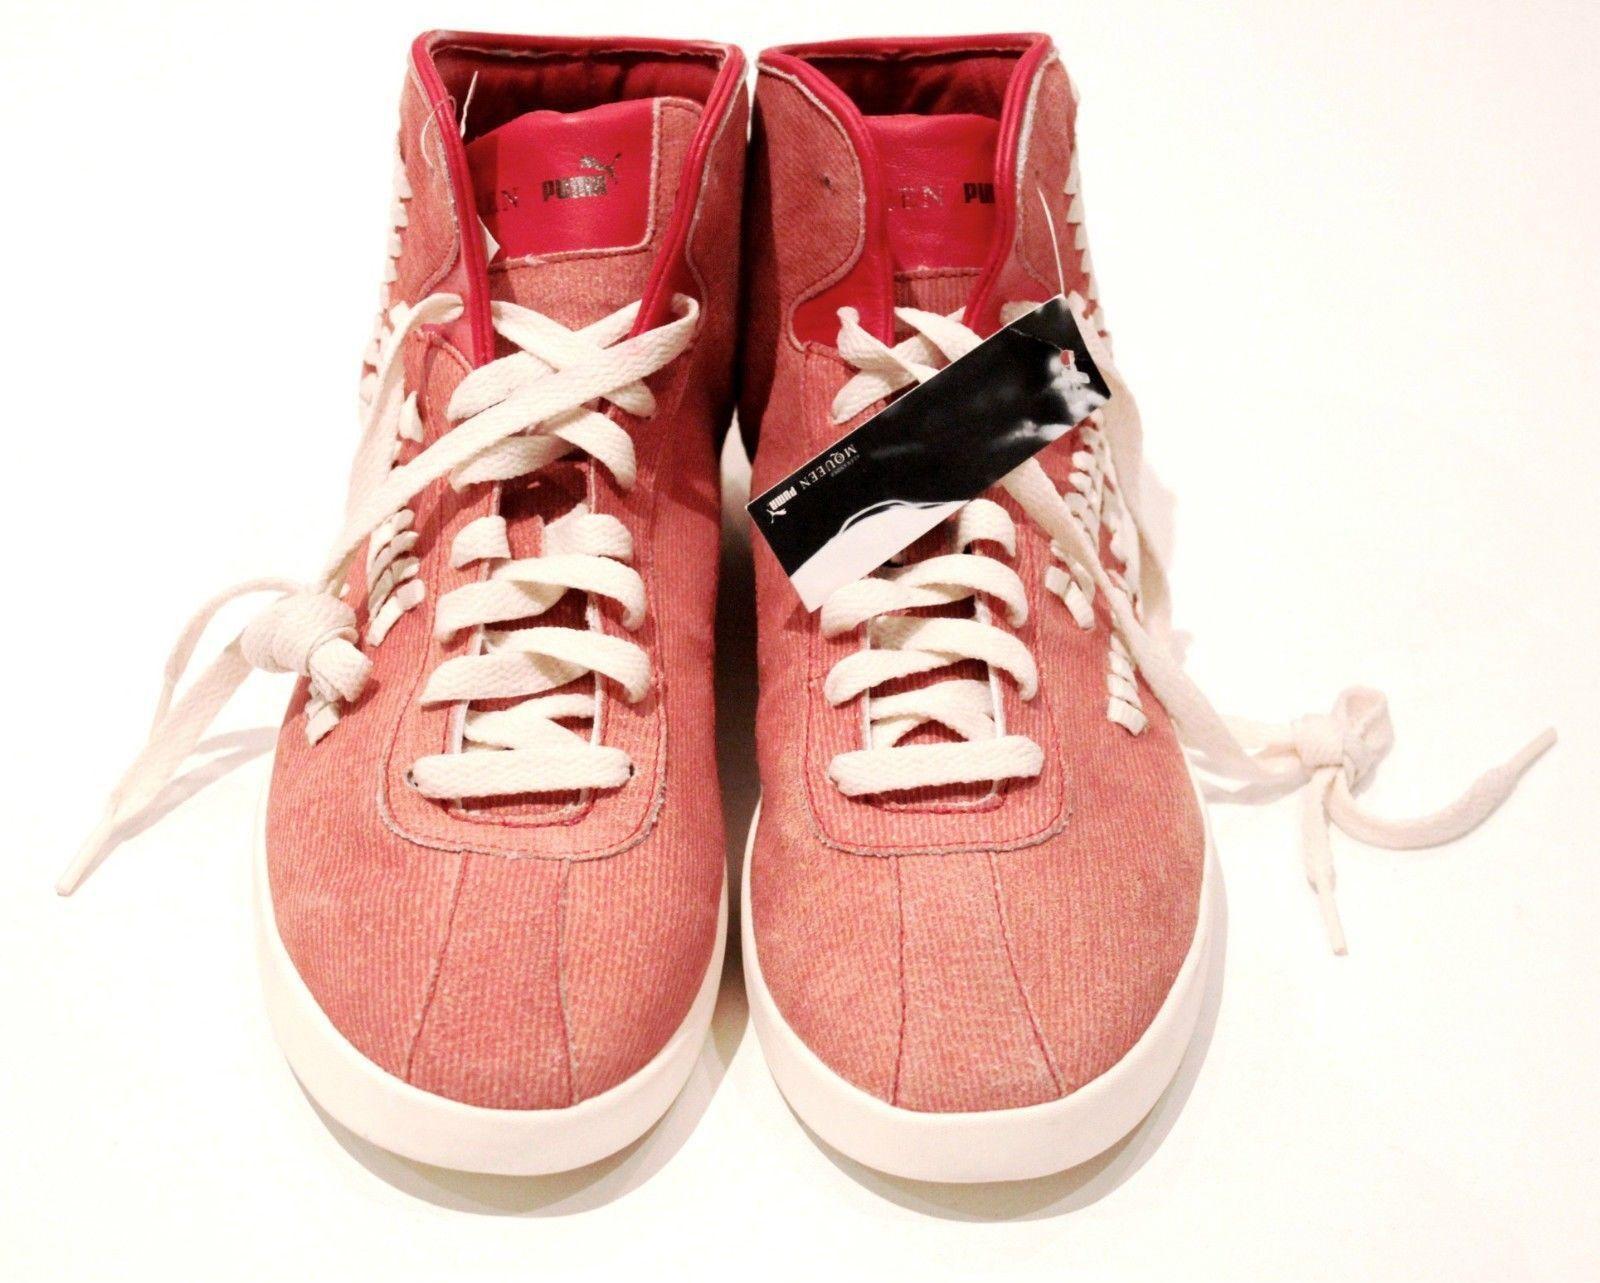 Puma by Alexander McQueen glúteo mediano Rojo Tenis Zapatos Zapatos Zapatos nórdico se desvaneció Rojo 9.5 Rara  gran descuento